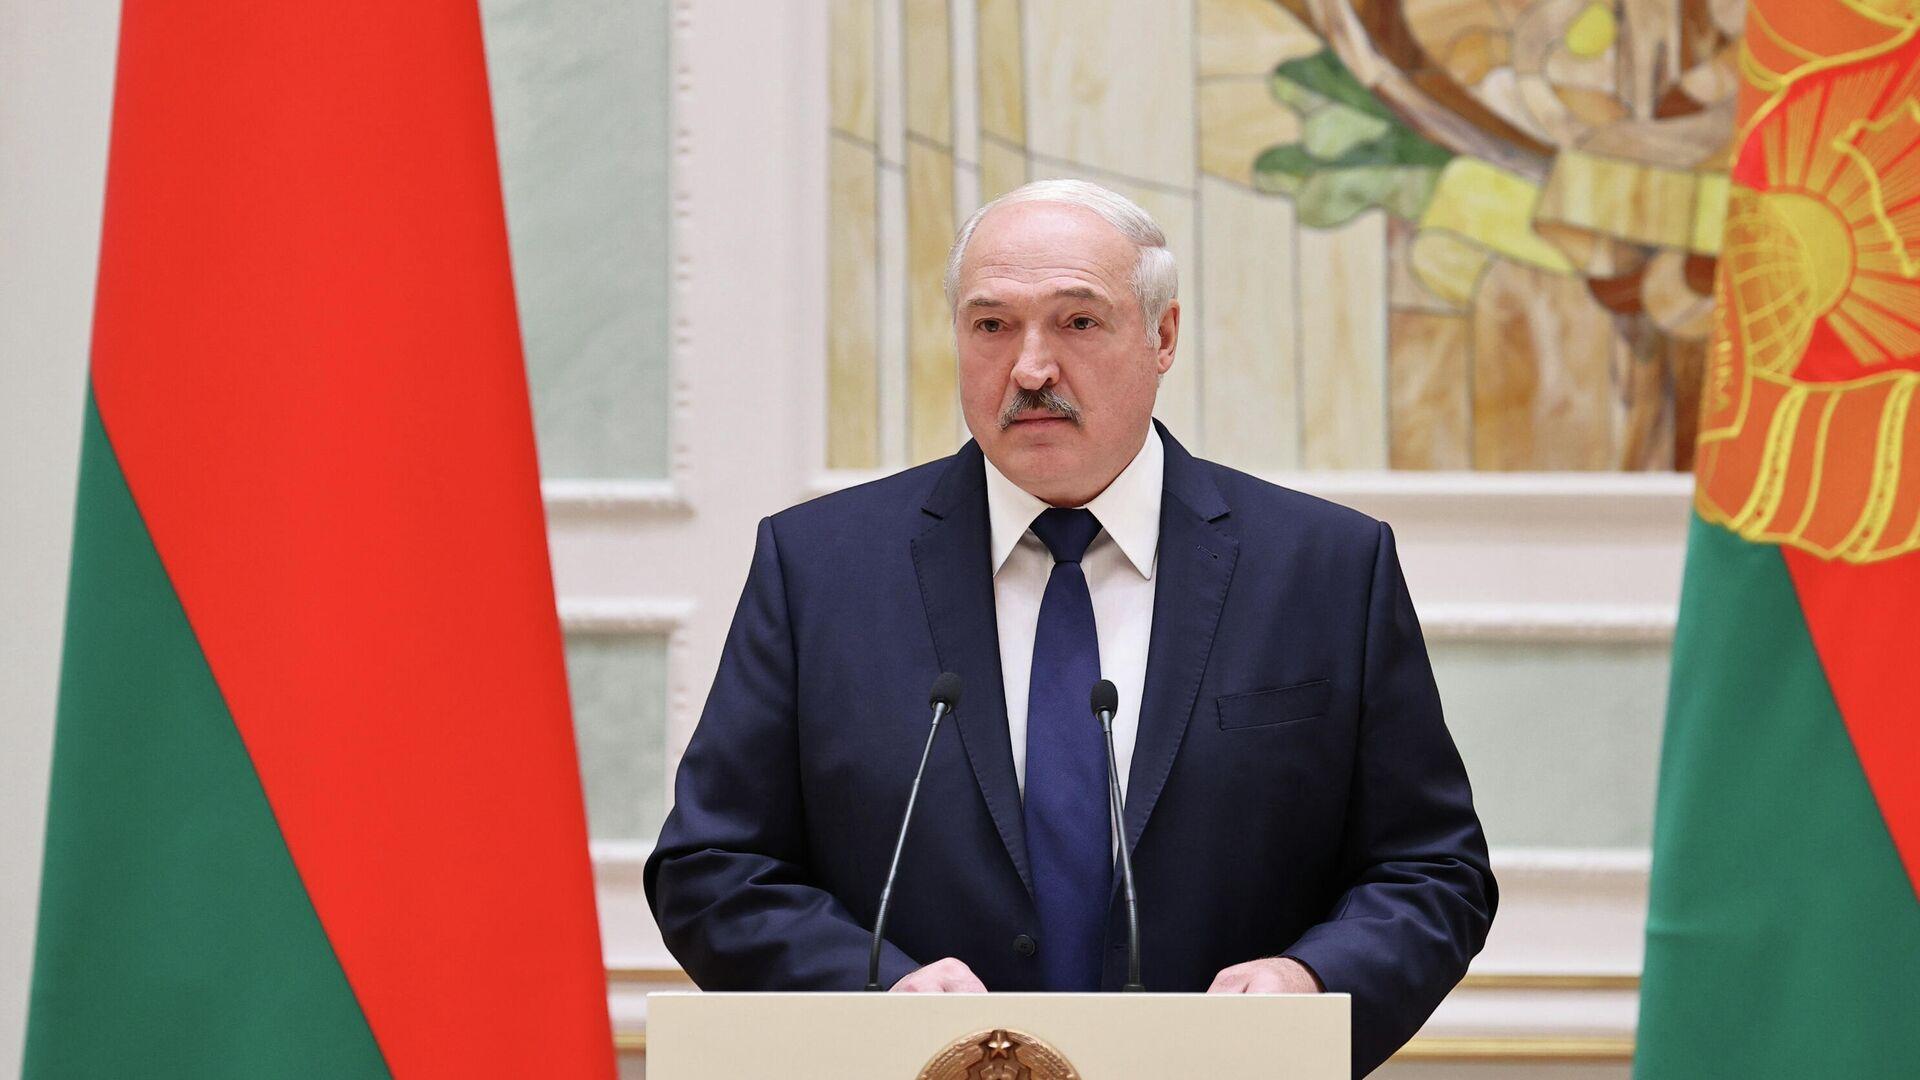 Президент Белоруссии Александр Лукашенко - РИА Новости, 1920, 28.12.2020